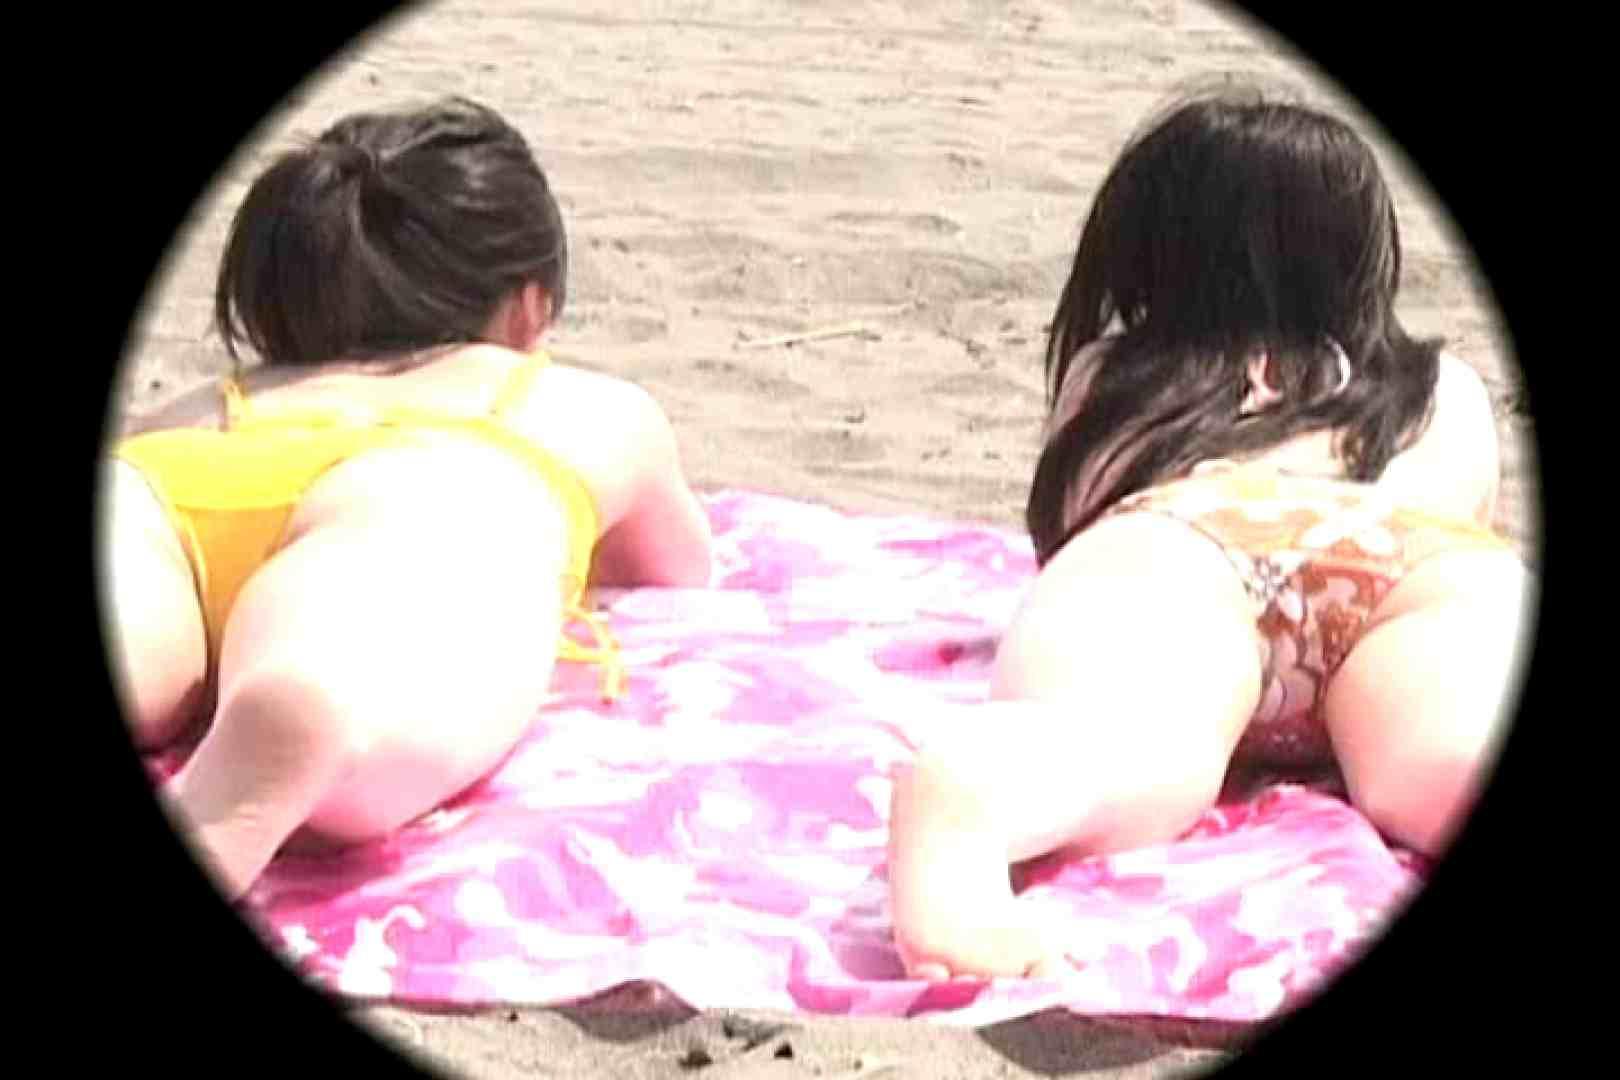 ビーチで発見!!はしゃぎ過ぎポロリギャルVol.5 ロリ 盗み撮り動画キャプチャ 96pic 34